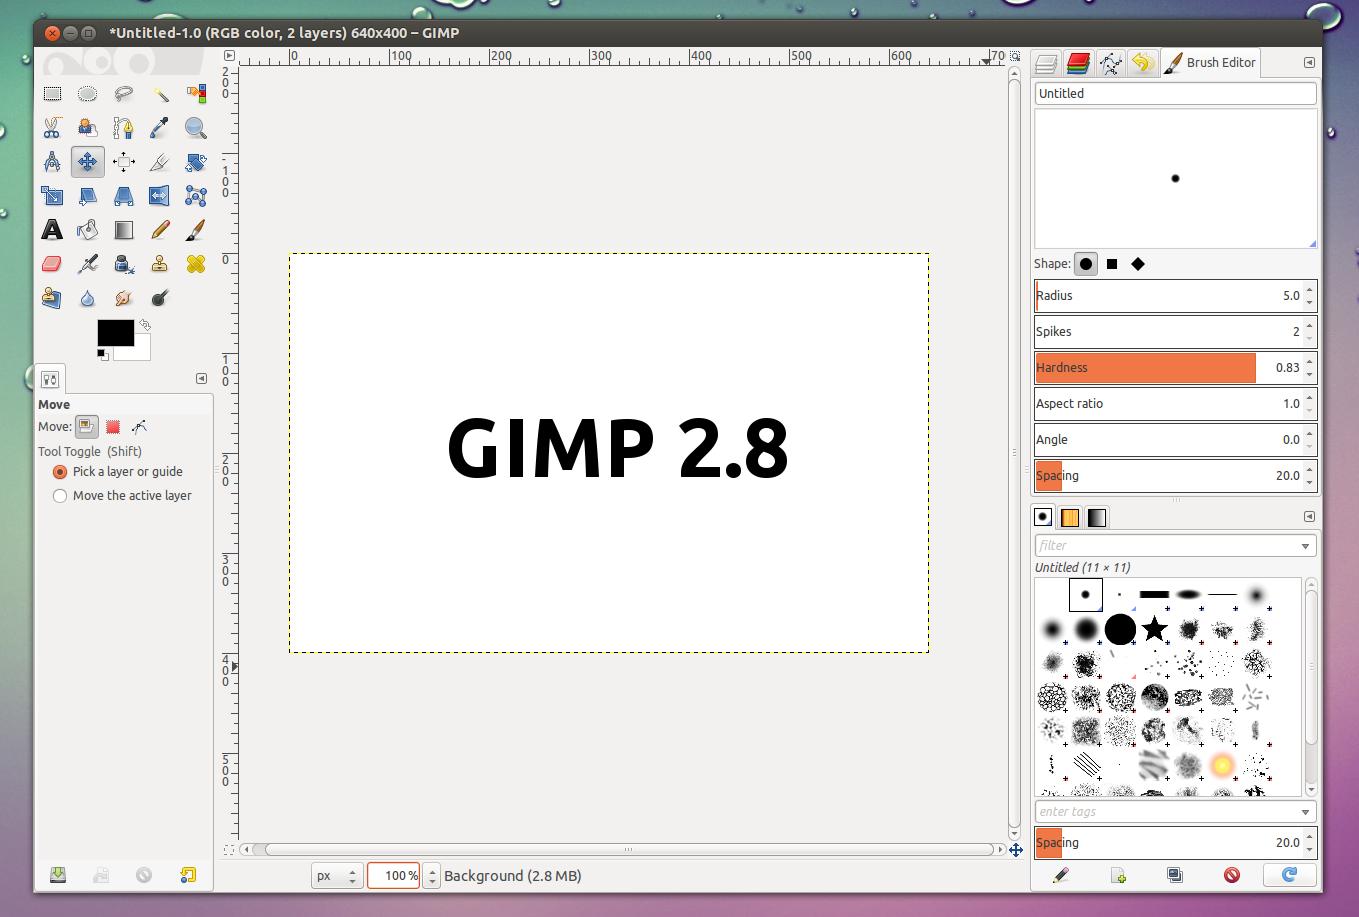 gimp clipart download - photo #28